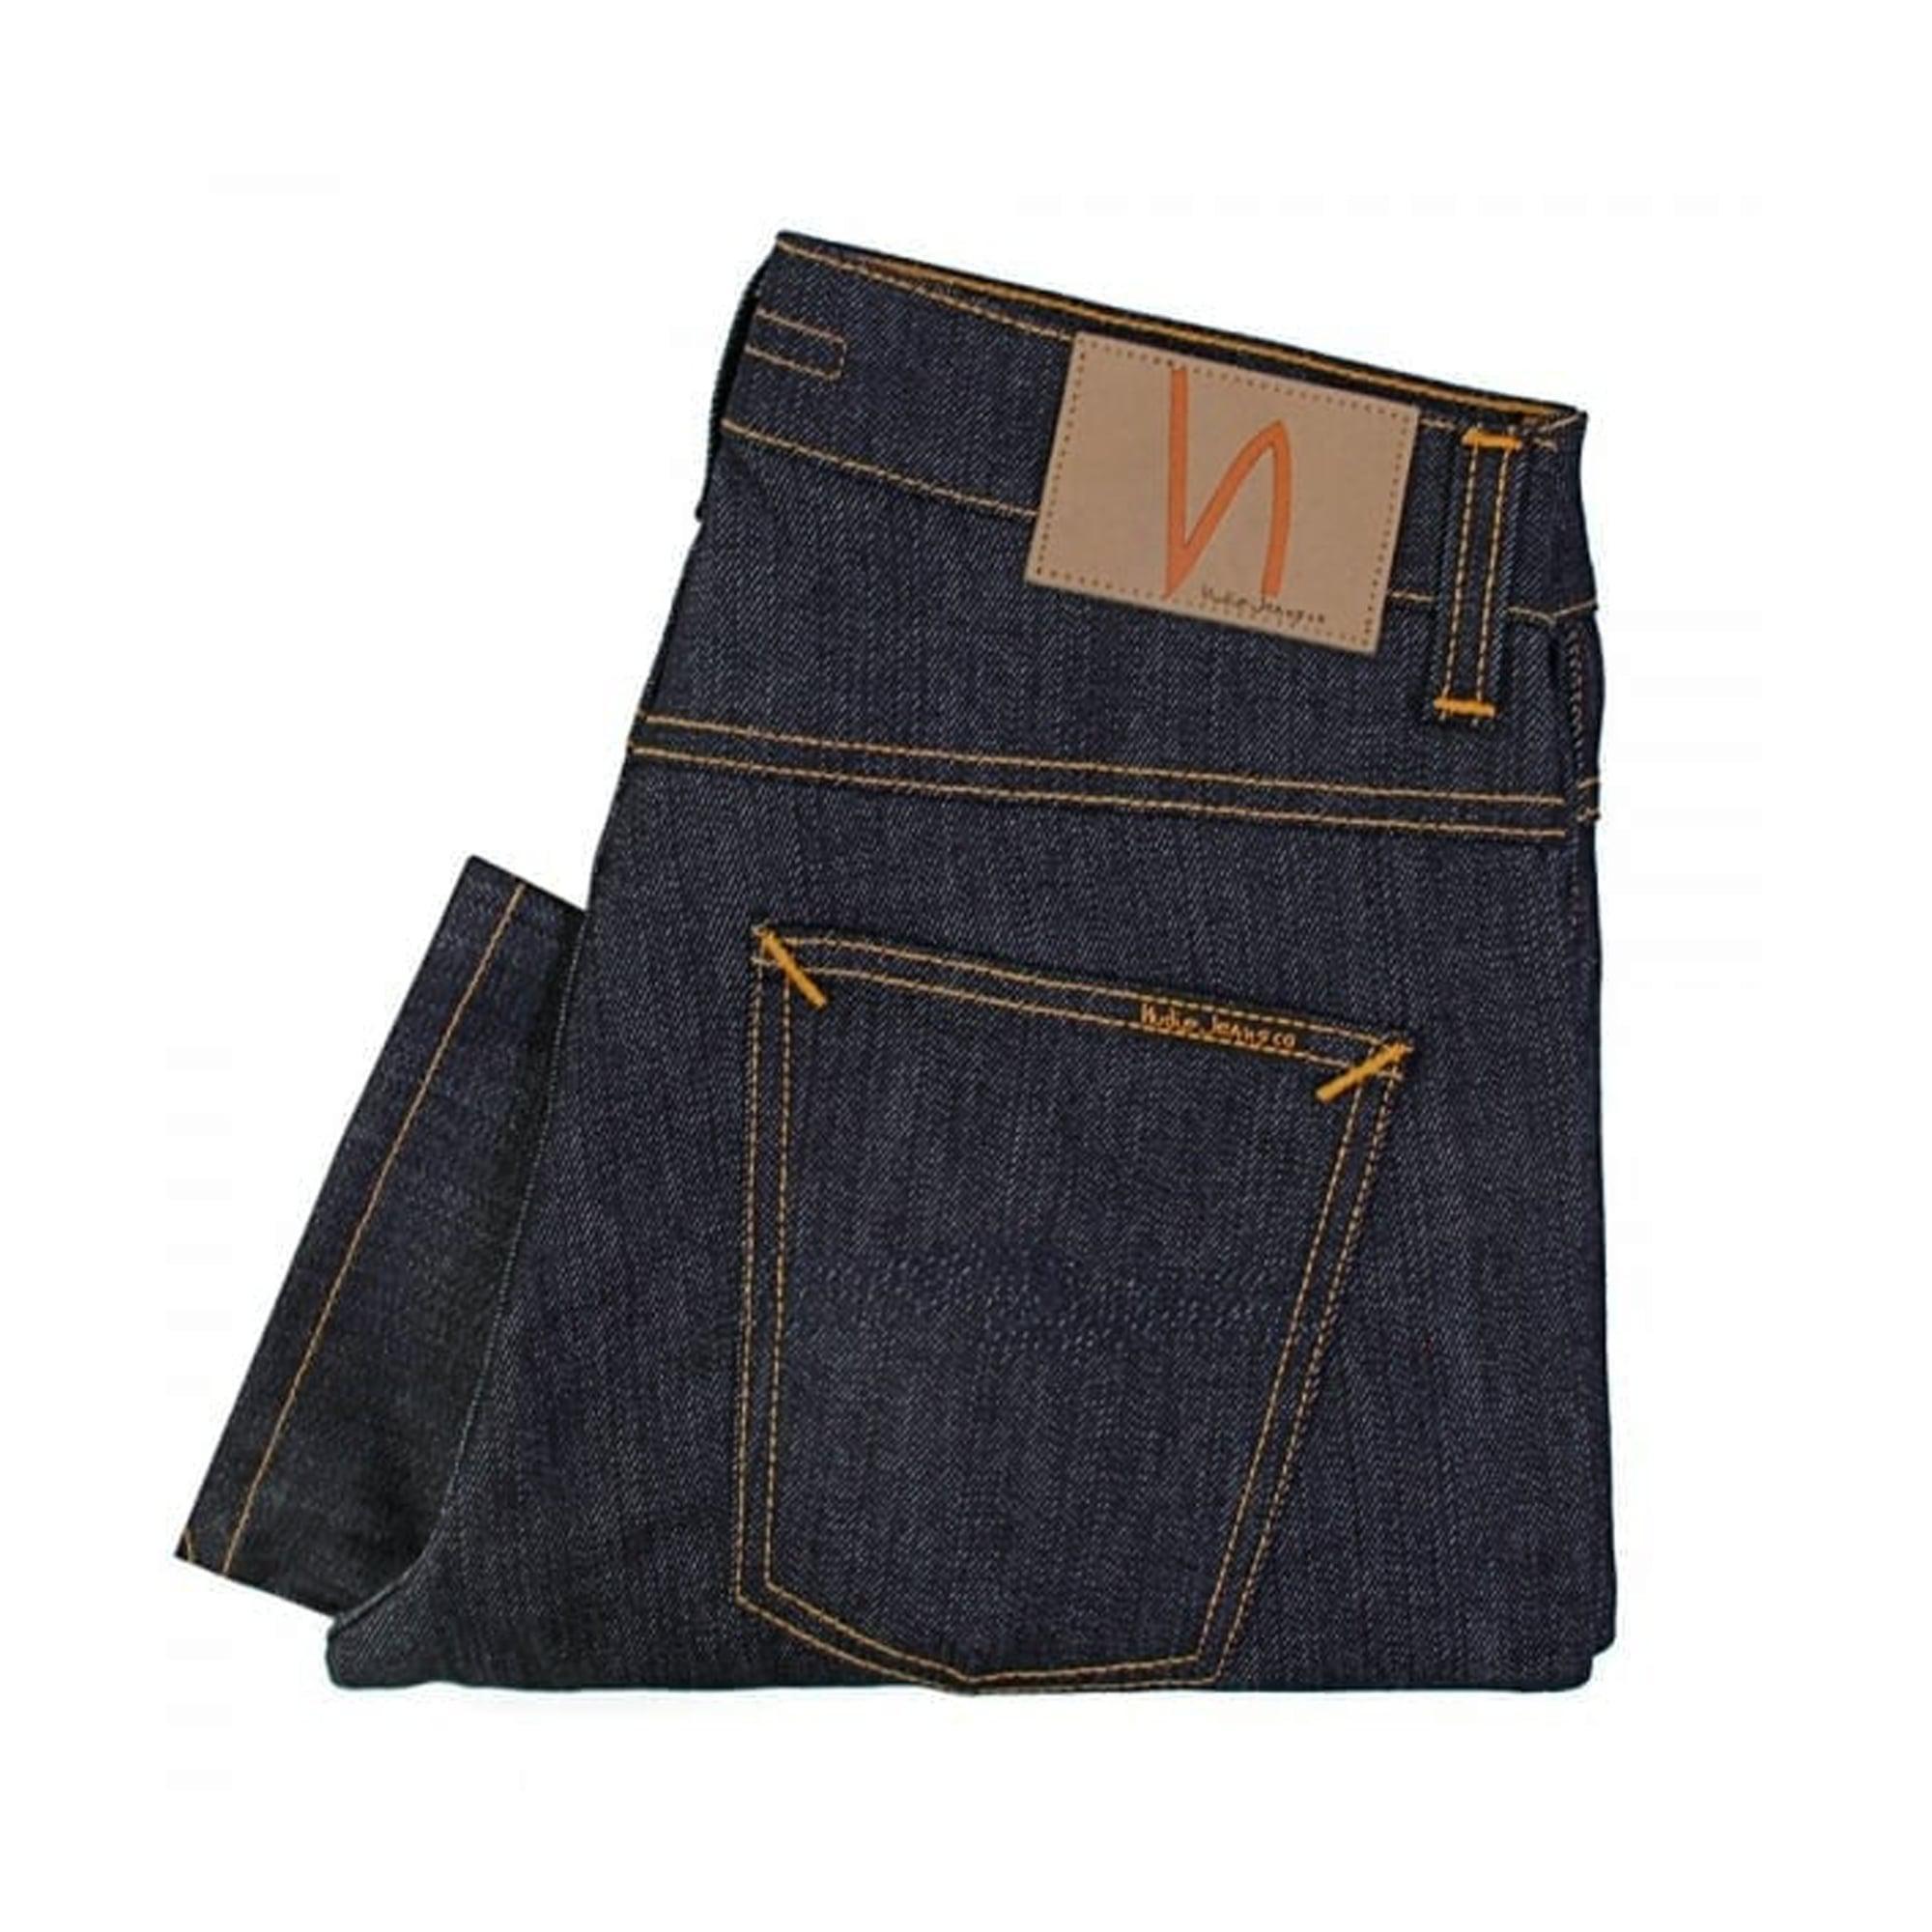 3ee7ee1384612 Lyst - Nudie Jeans Dude Dan Dry Classic Navy Jeans in Blue for Men